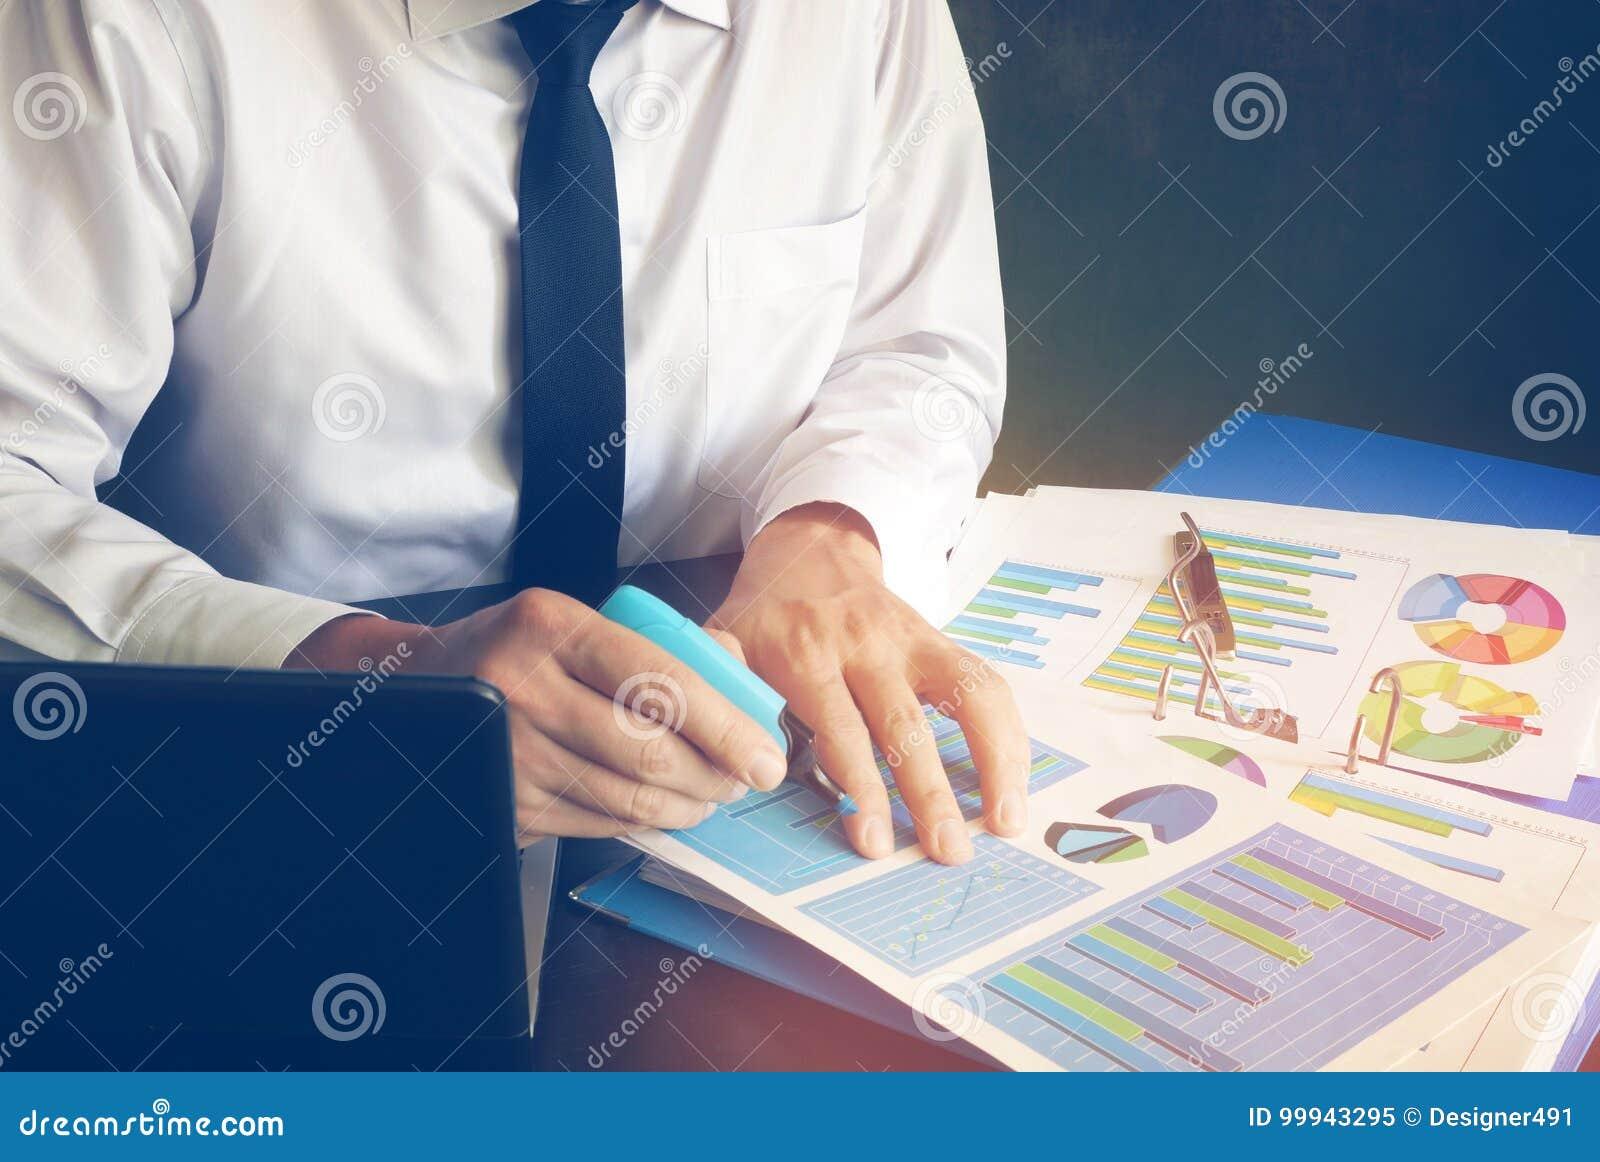 Revidierung Finanzbericht oder die Schaffung von Marketingstrategie